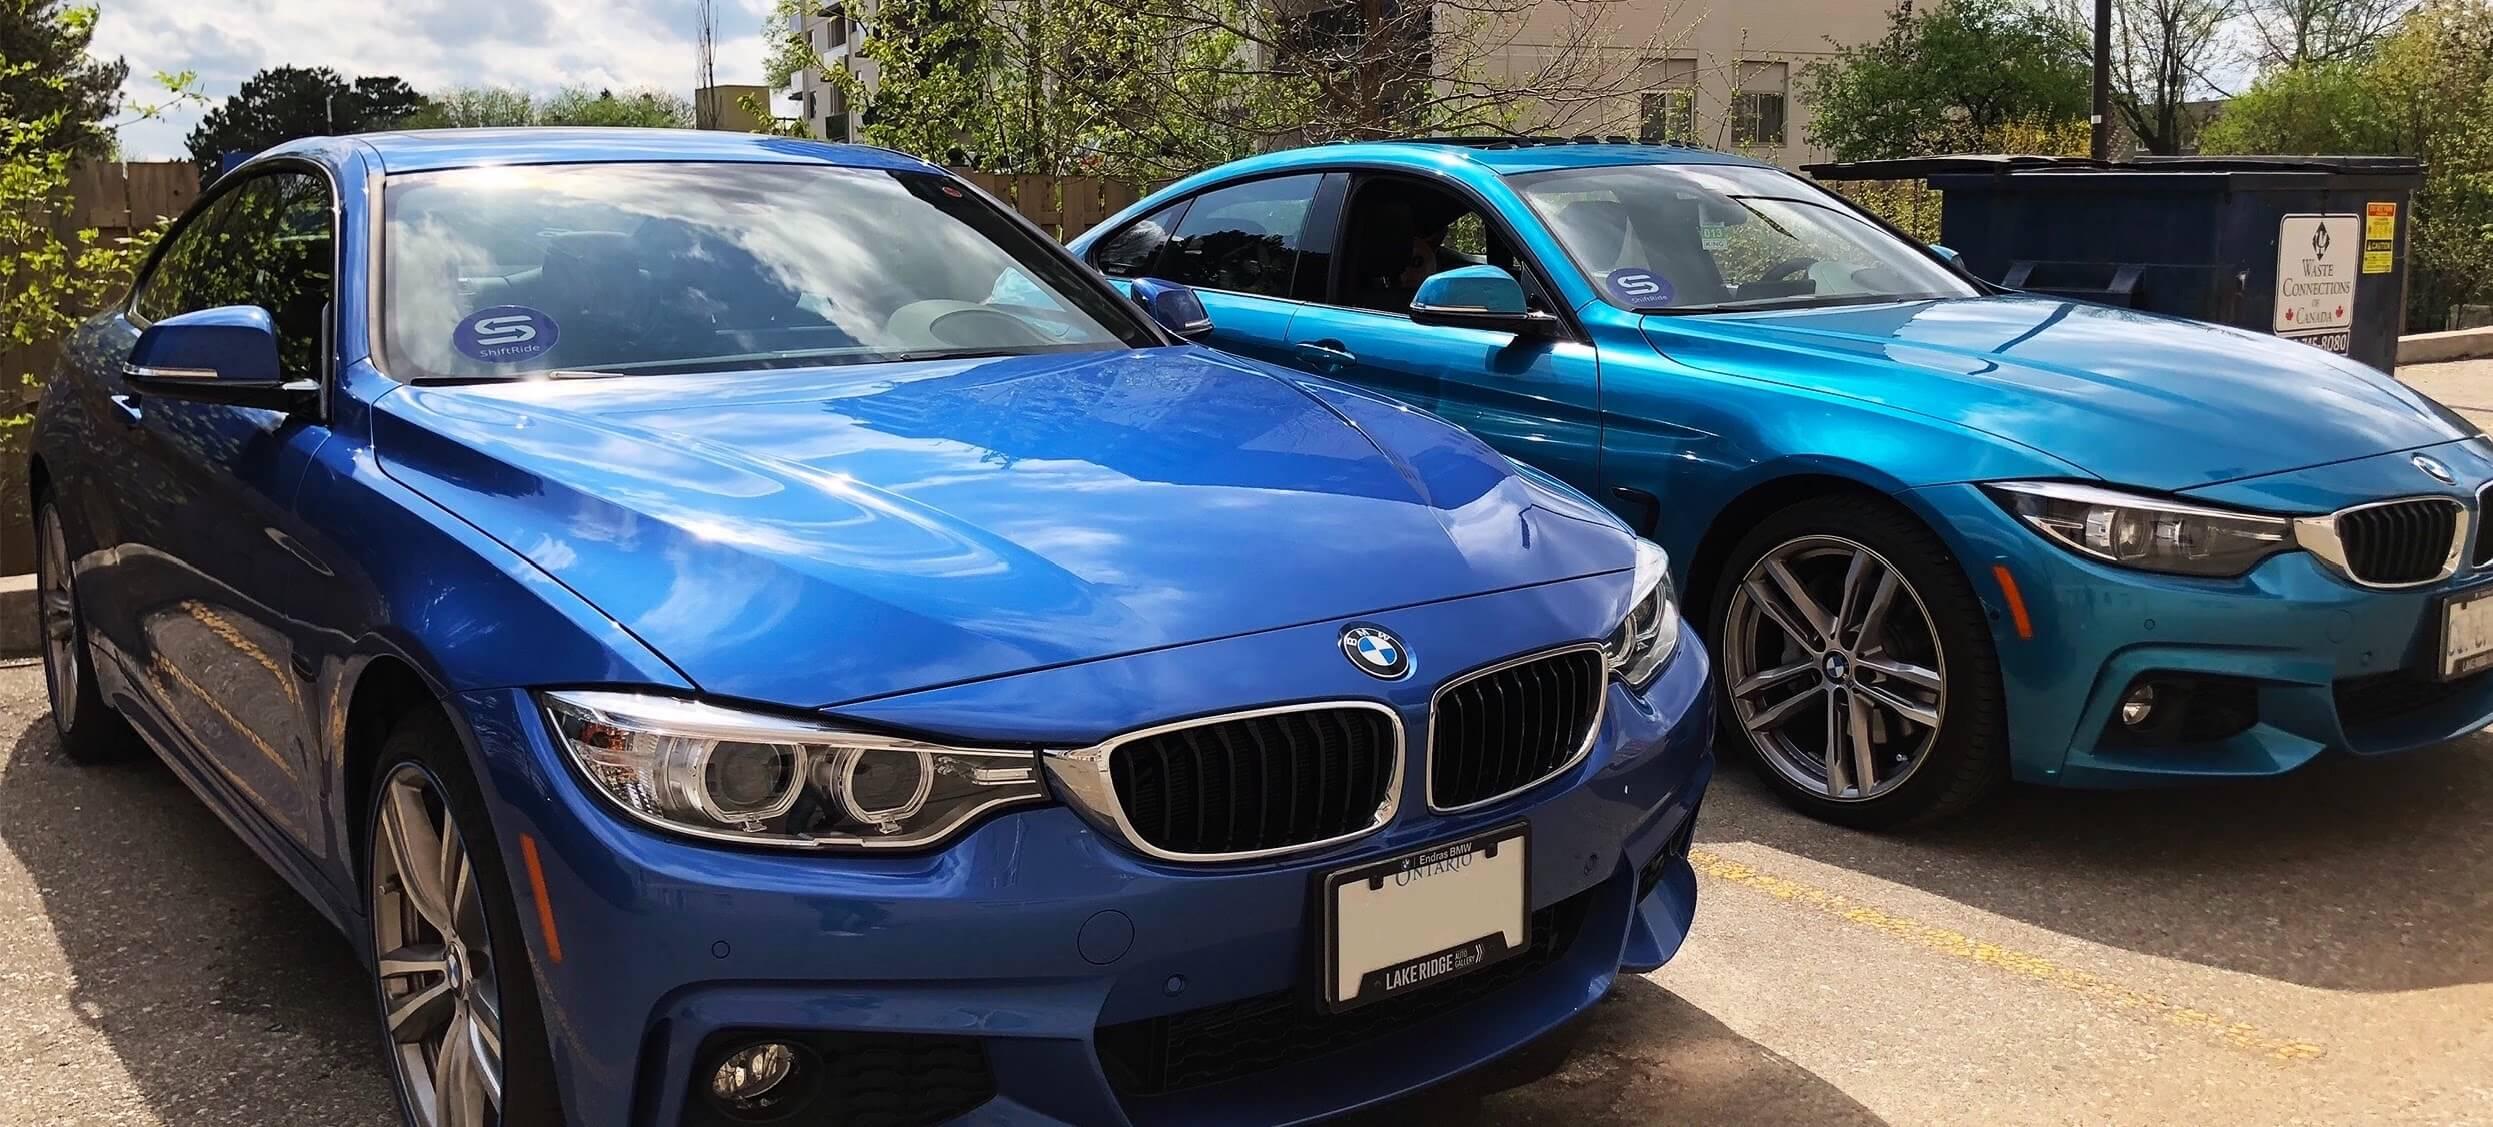 BMW Luxury Car 430i 440i 428i